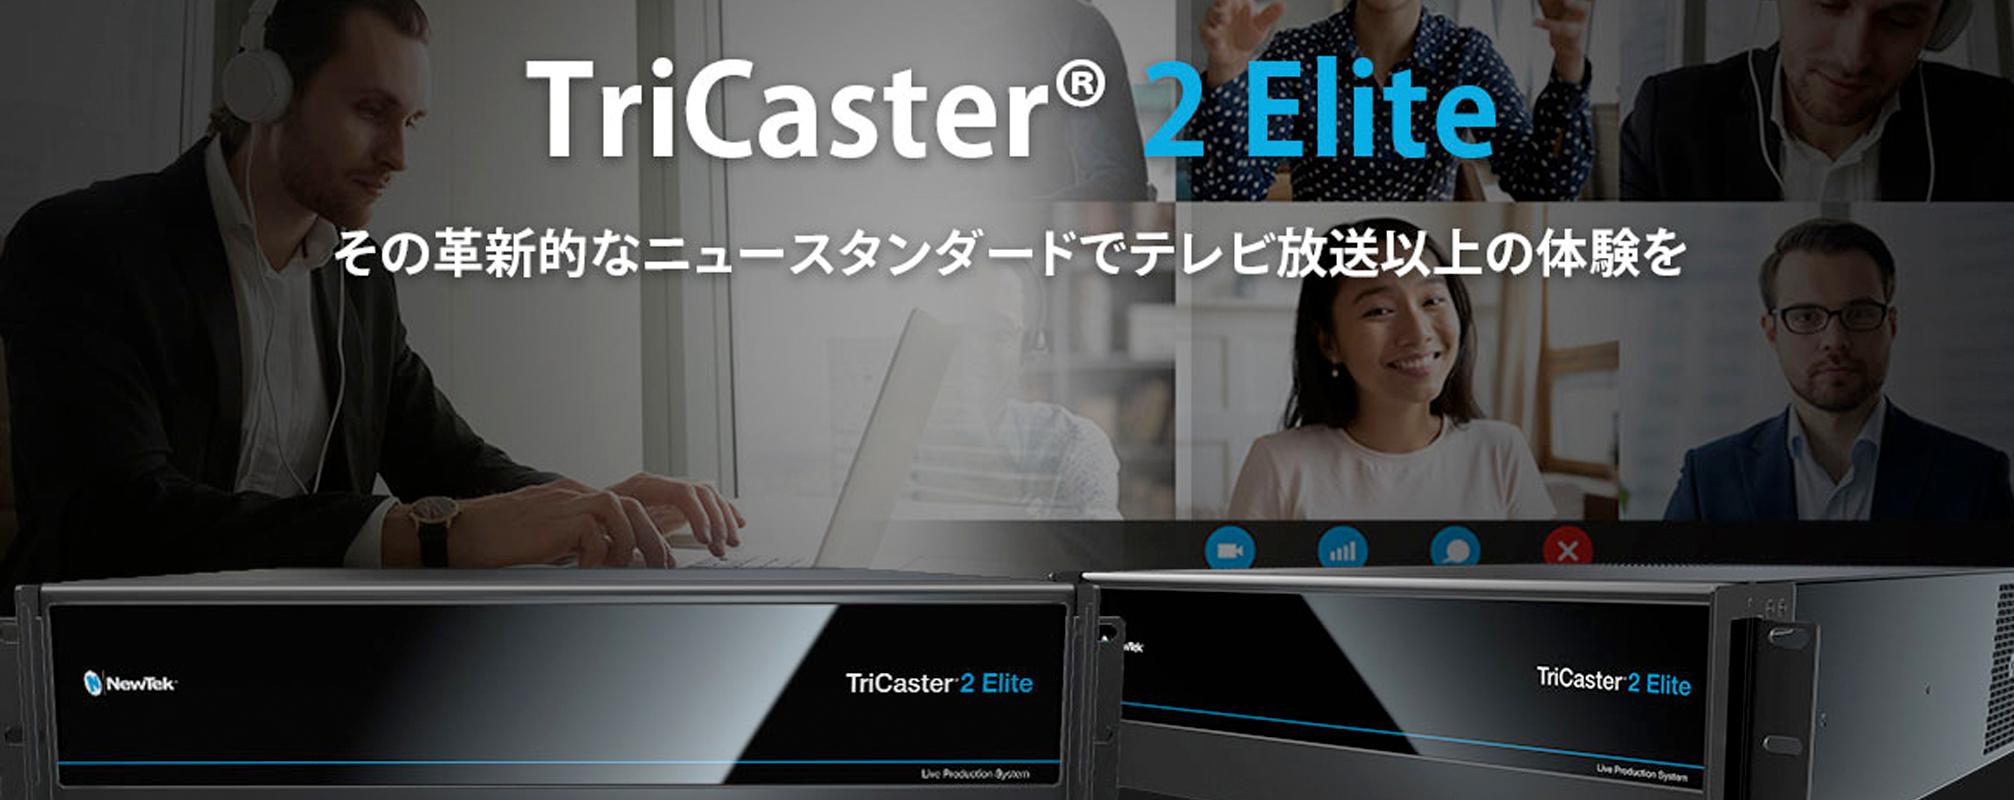 TriCaster 2 Elite